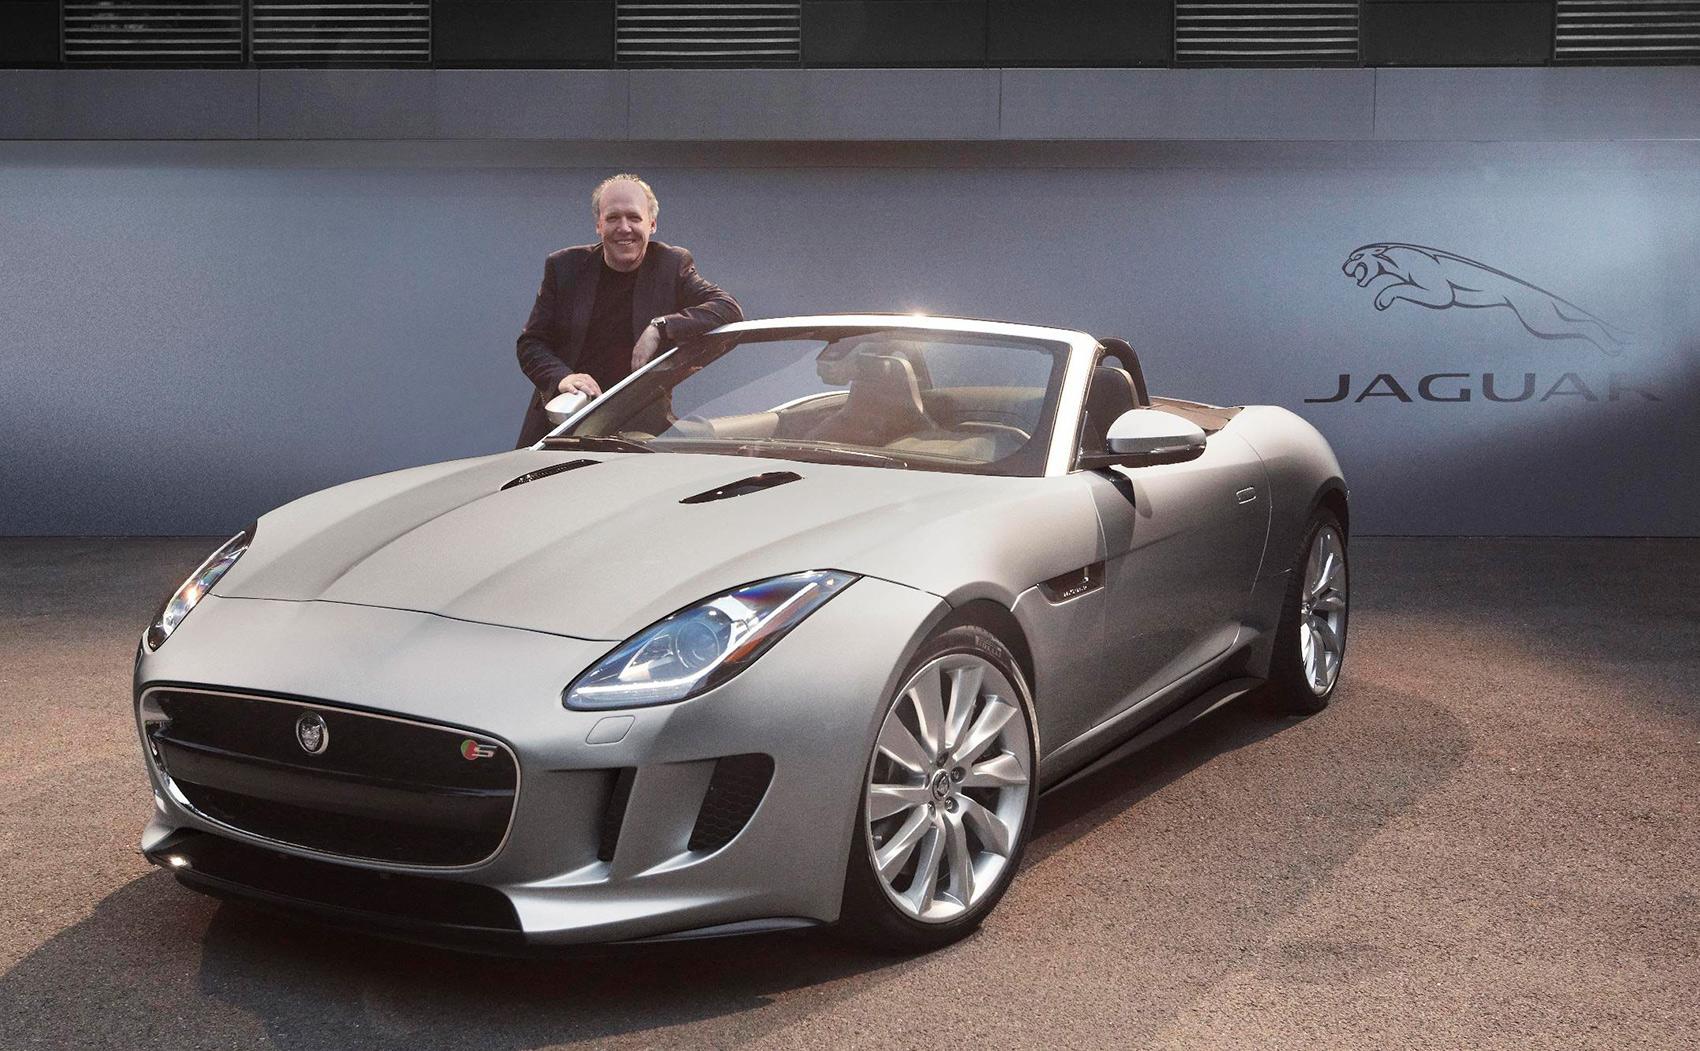 Ian Callum har gitt seg som Jaguar-designer, og trår nå inn i ekspertpanelet som skal plukke ut kandidater til årets designpris. Her med Jaguar F-Pace som han har designet og som tok prisen i 2013. (Foto: Jaguar)